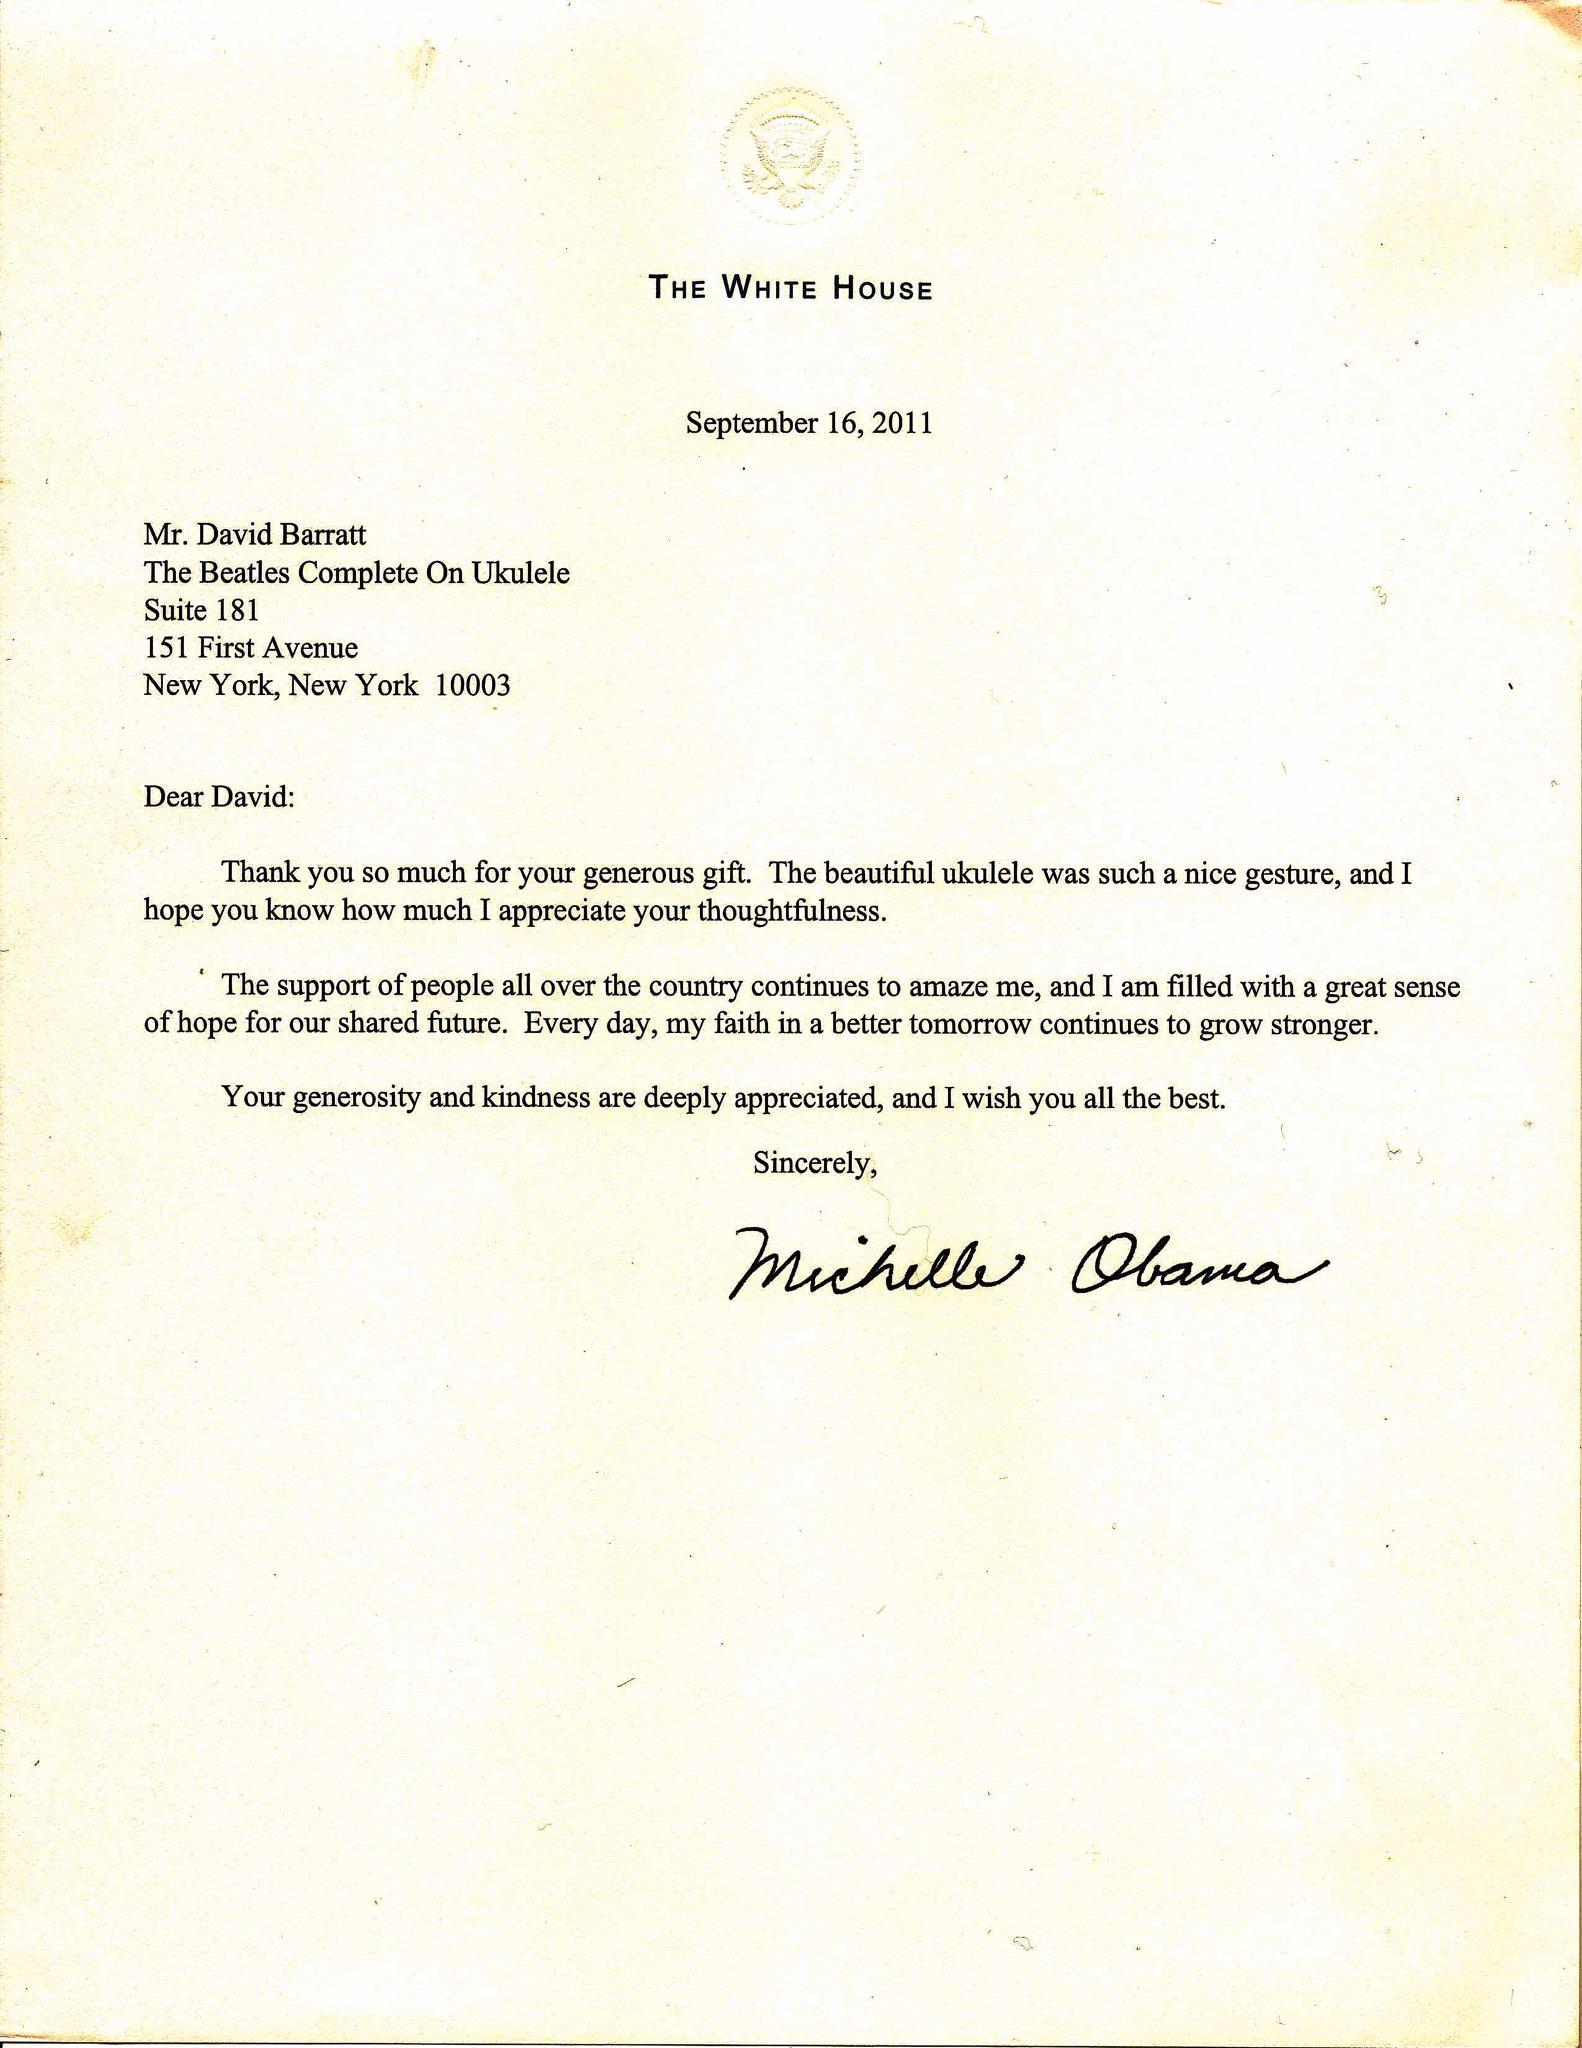 Dankesbrief von Michelle Obama an den Produzenten von TBCOU, David Barratt